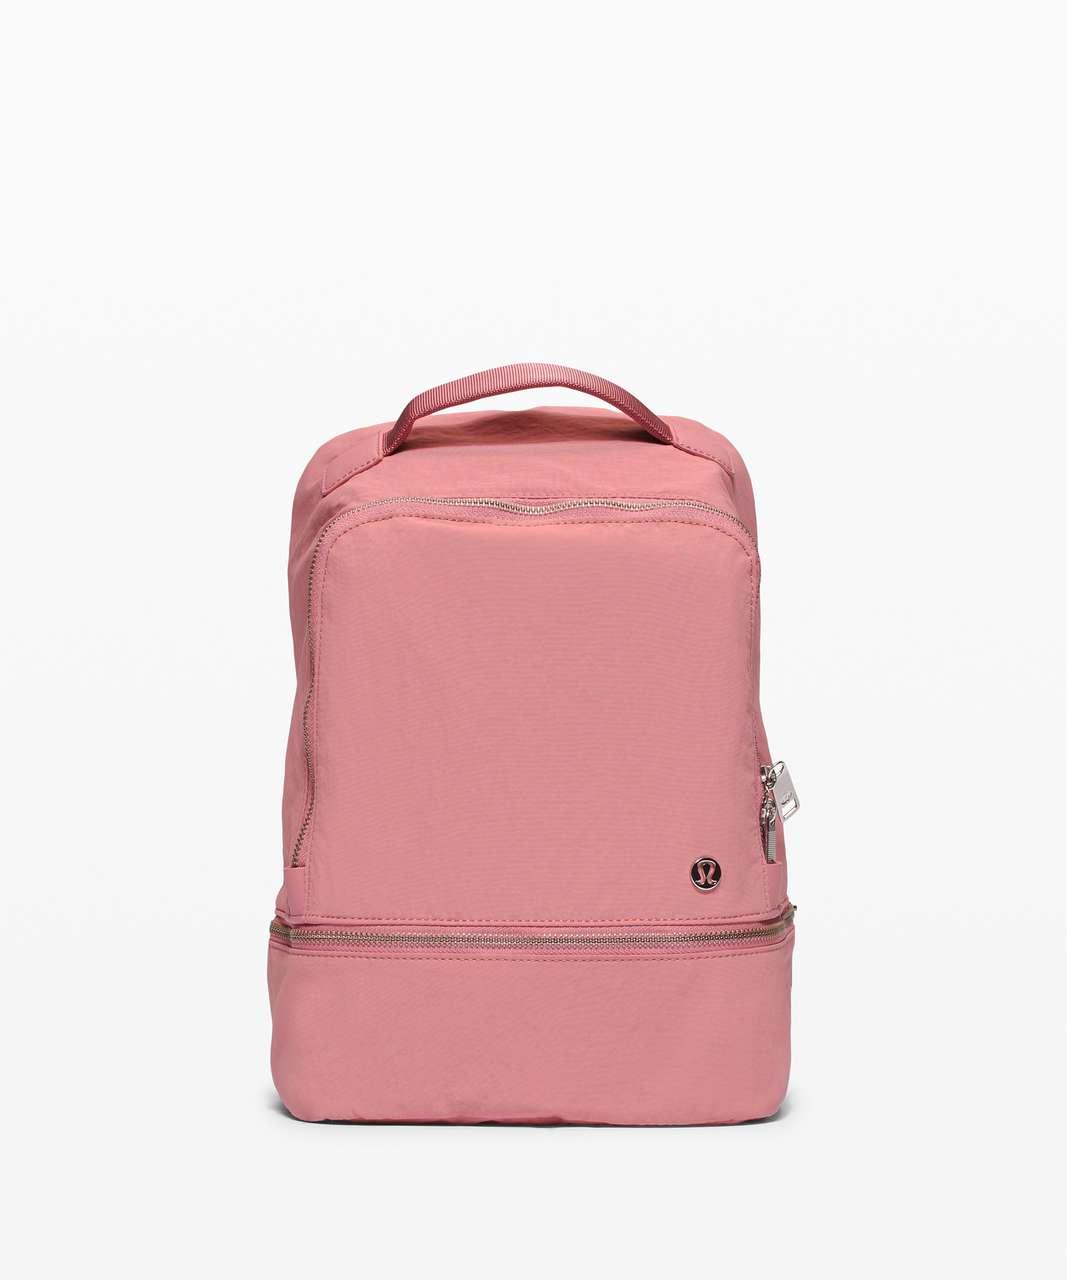 Lululemon City Adventurer Backpack Mini *10L - Deco Pink